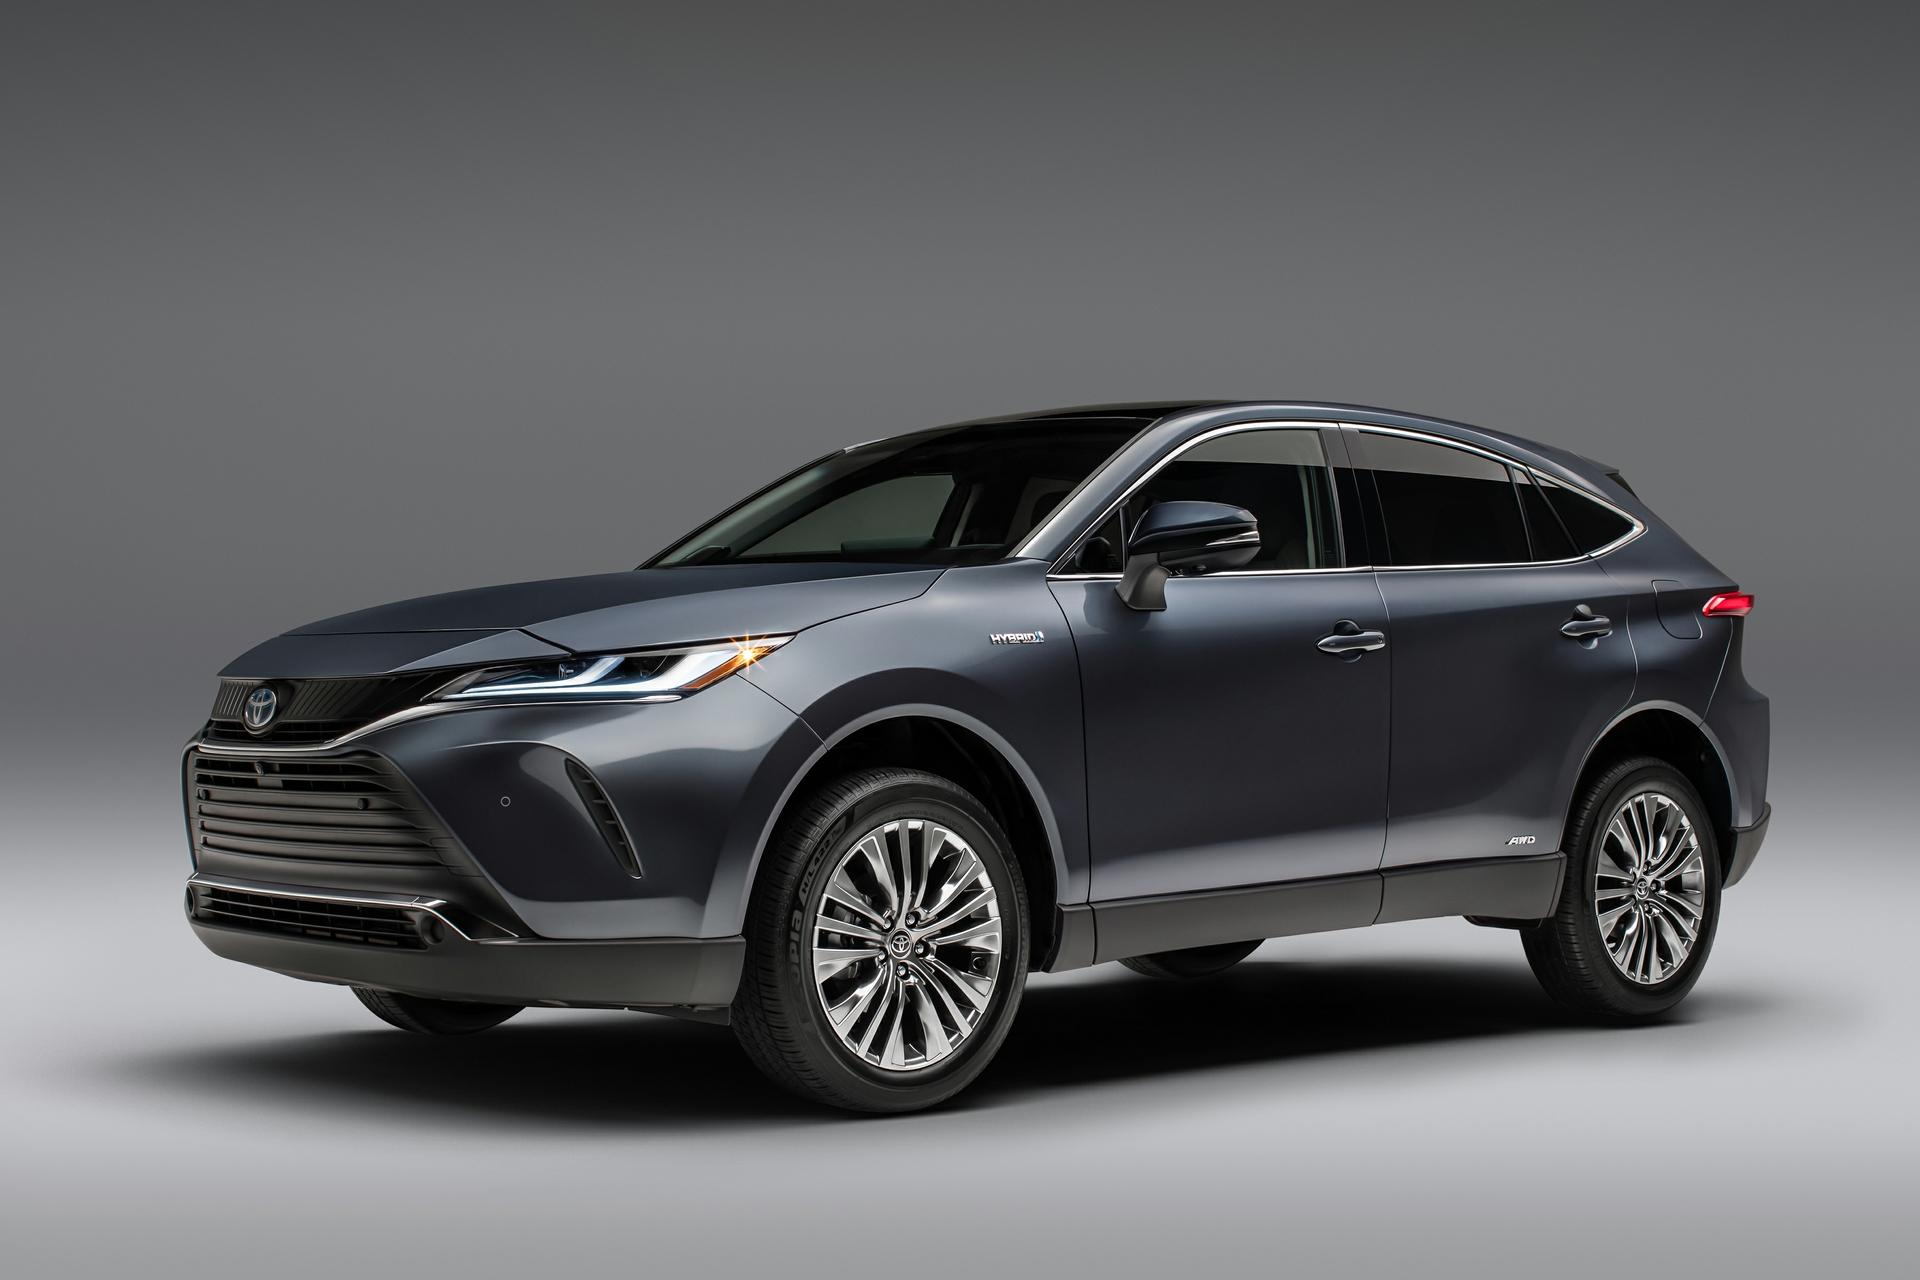 Vue avant du Toyota Venza 2021 gris